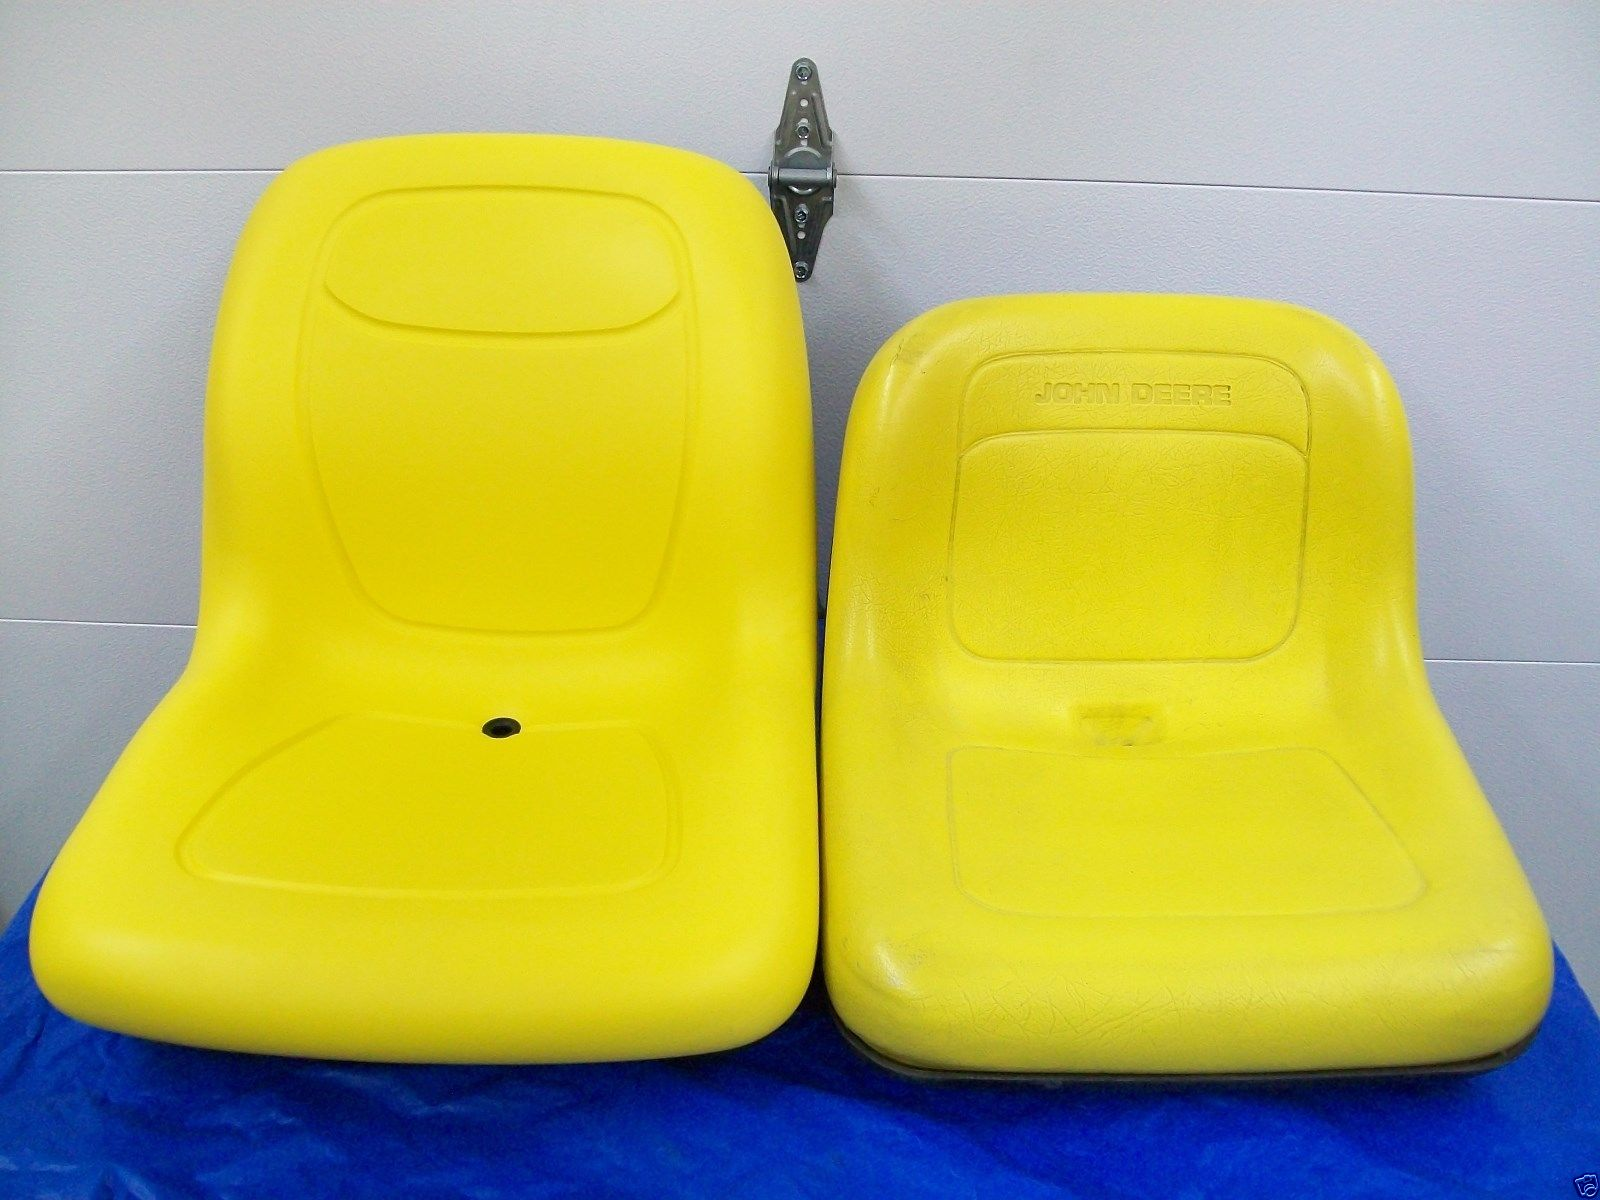 HIGH BACK SEAT JOHN DEERE 325, 335, 345 GARDEN TRACTORS ABOVE 70,001 SERIAL  #BP